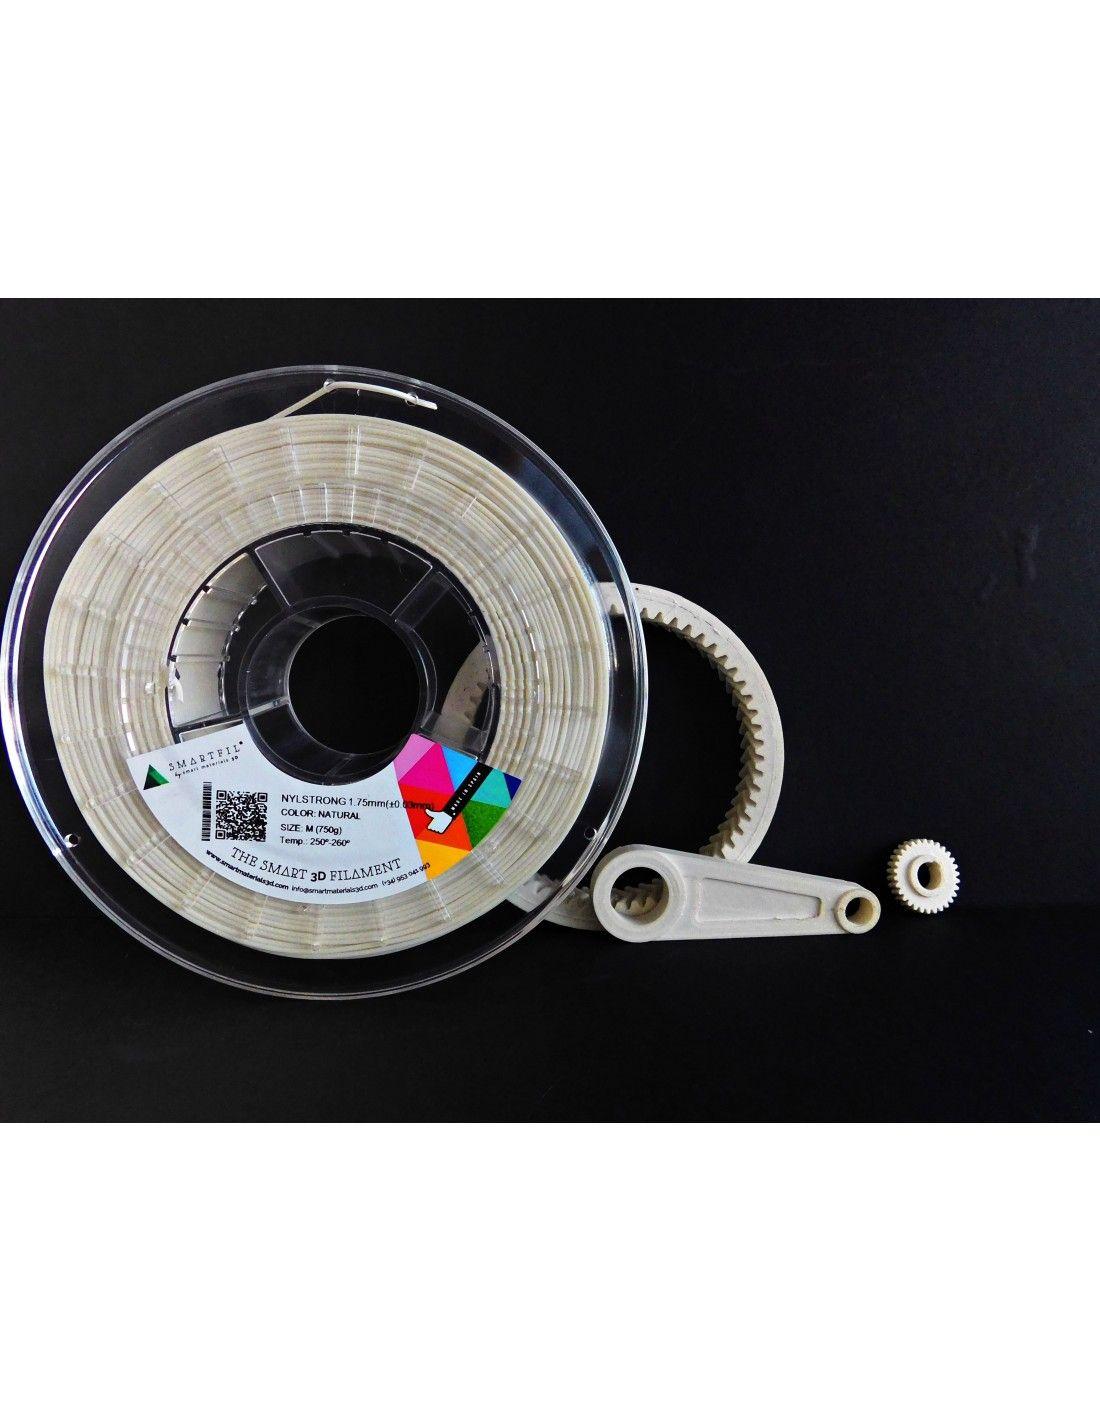 [Imagen: nylstrong-filamento.jpg]